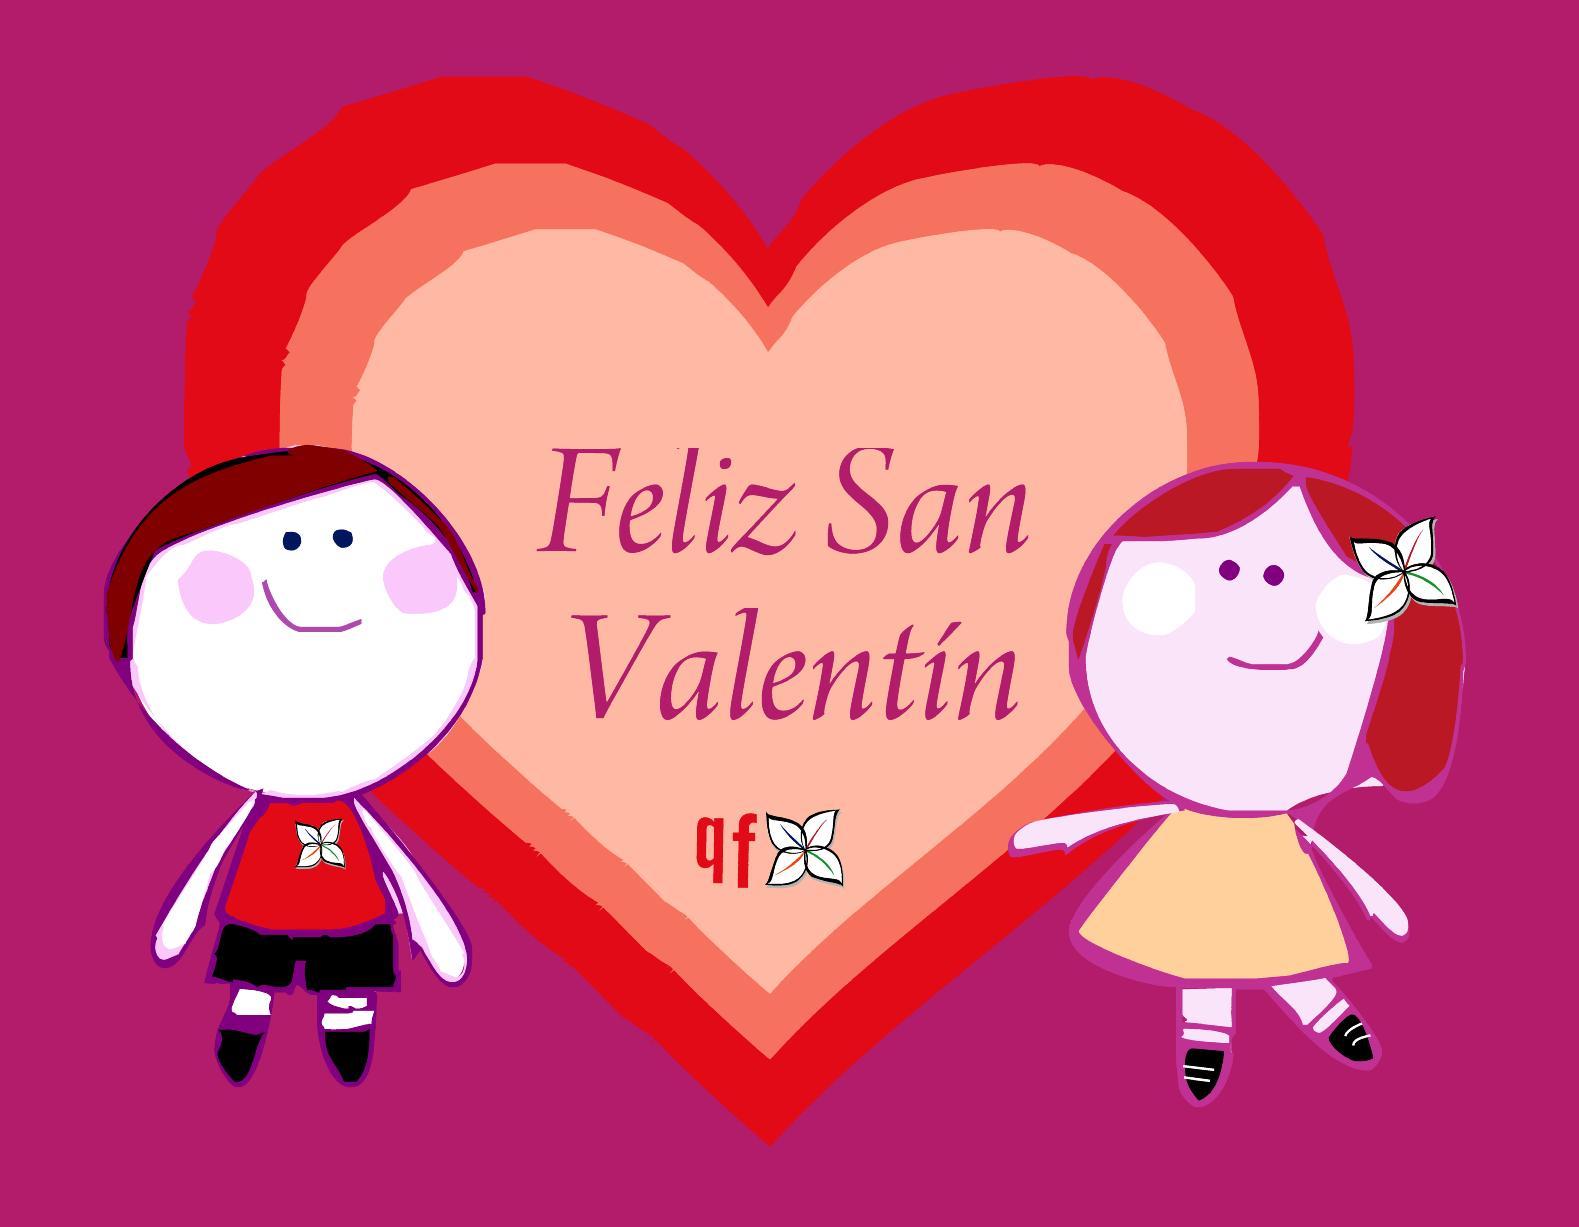 Aplicaciones Gratuitas Que Te Ayudaran Celebrar El Dia De Los Enamorados San  Valentin 2011